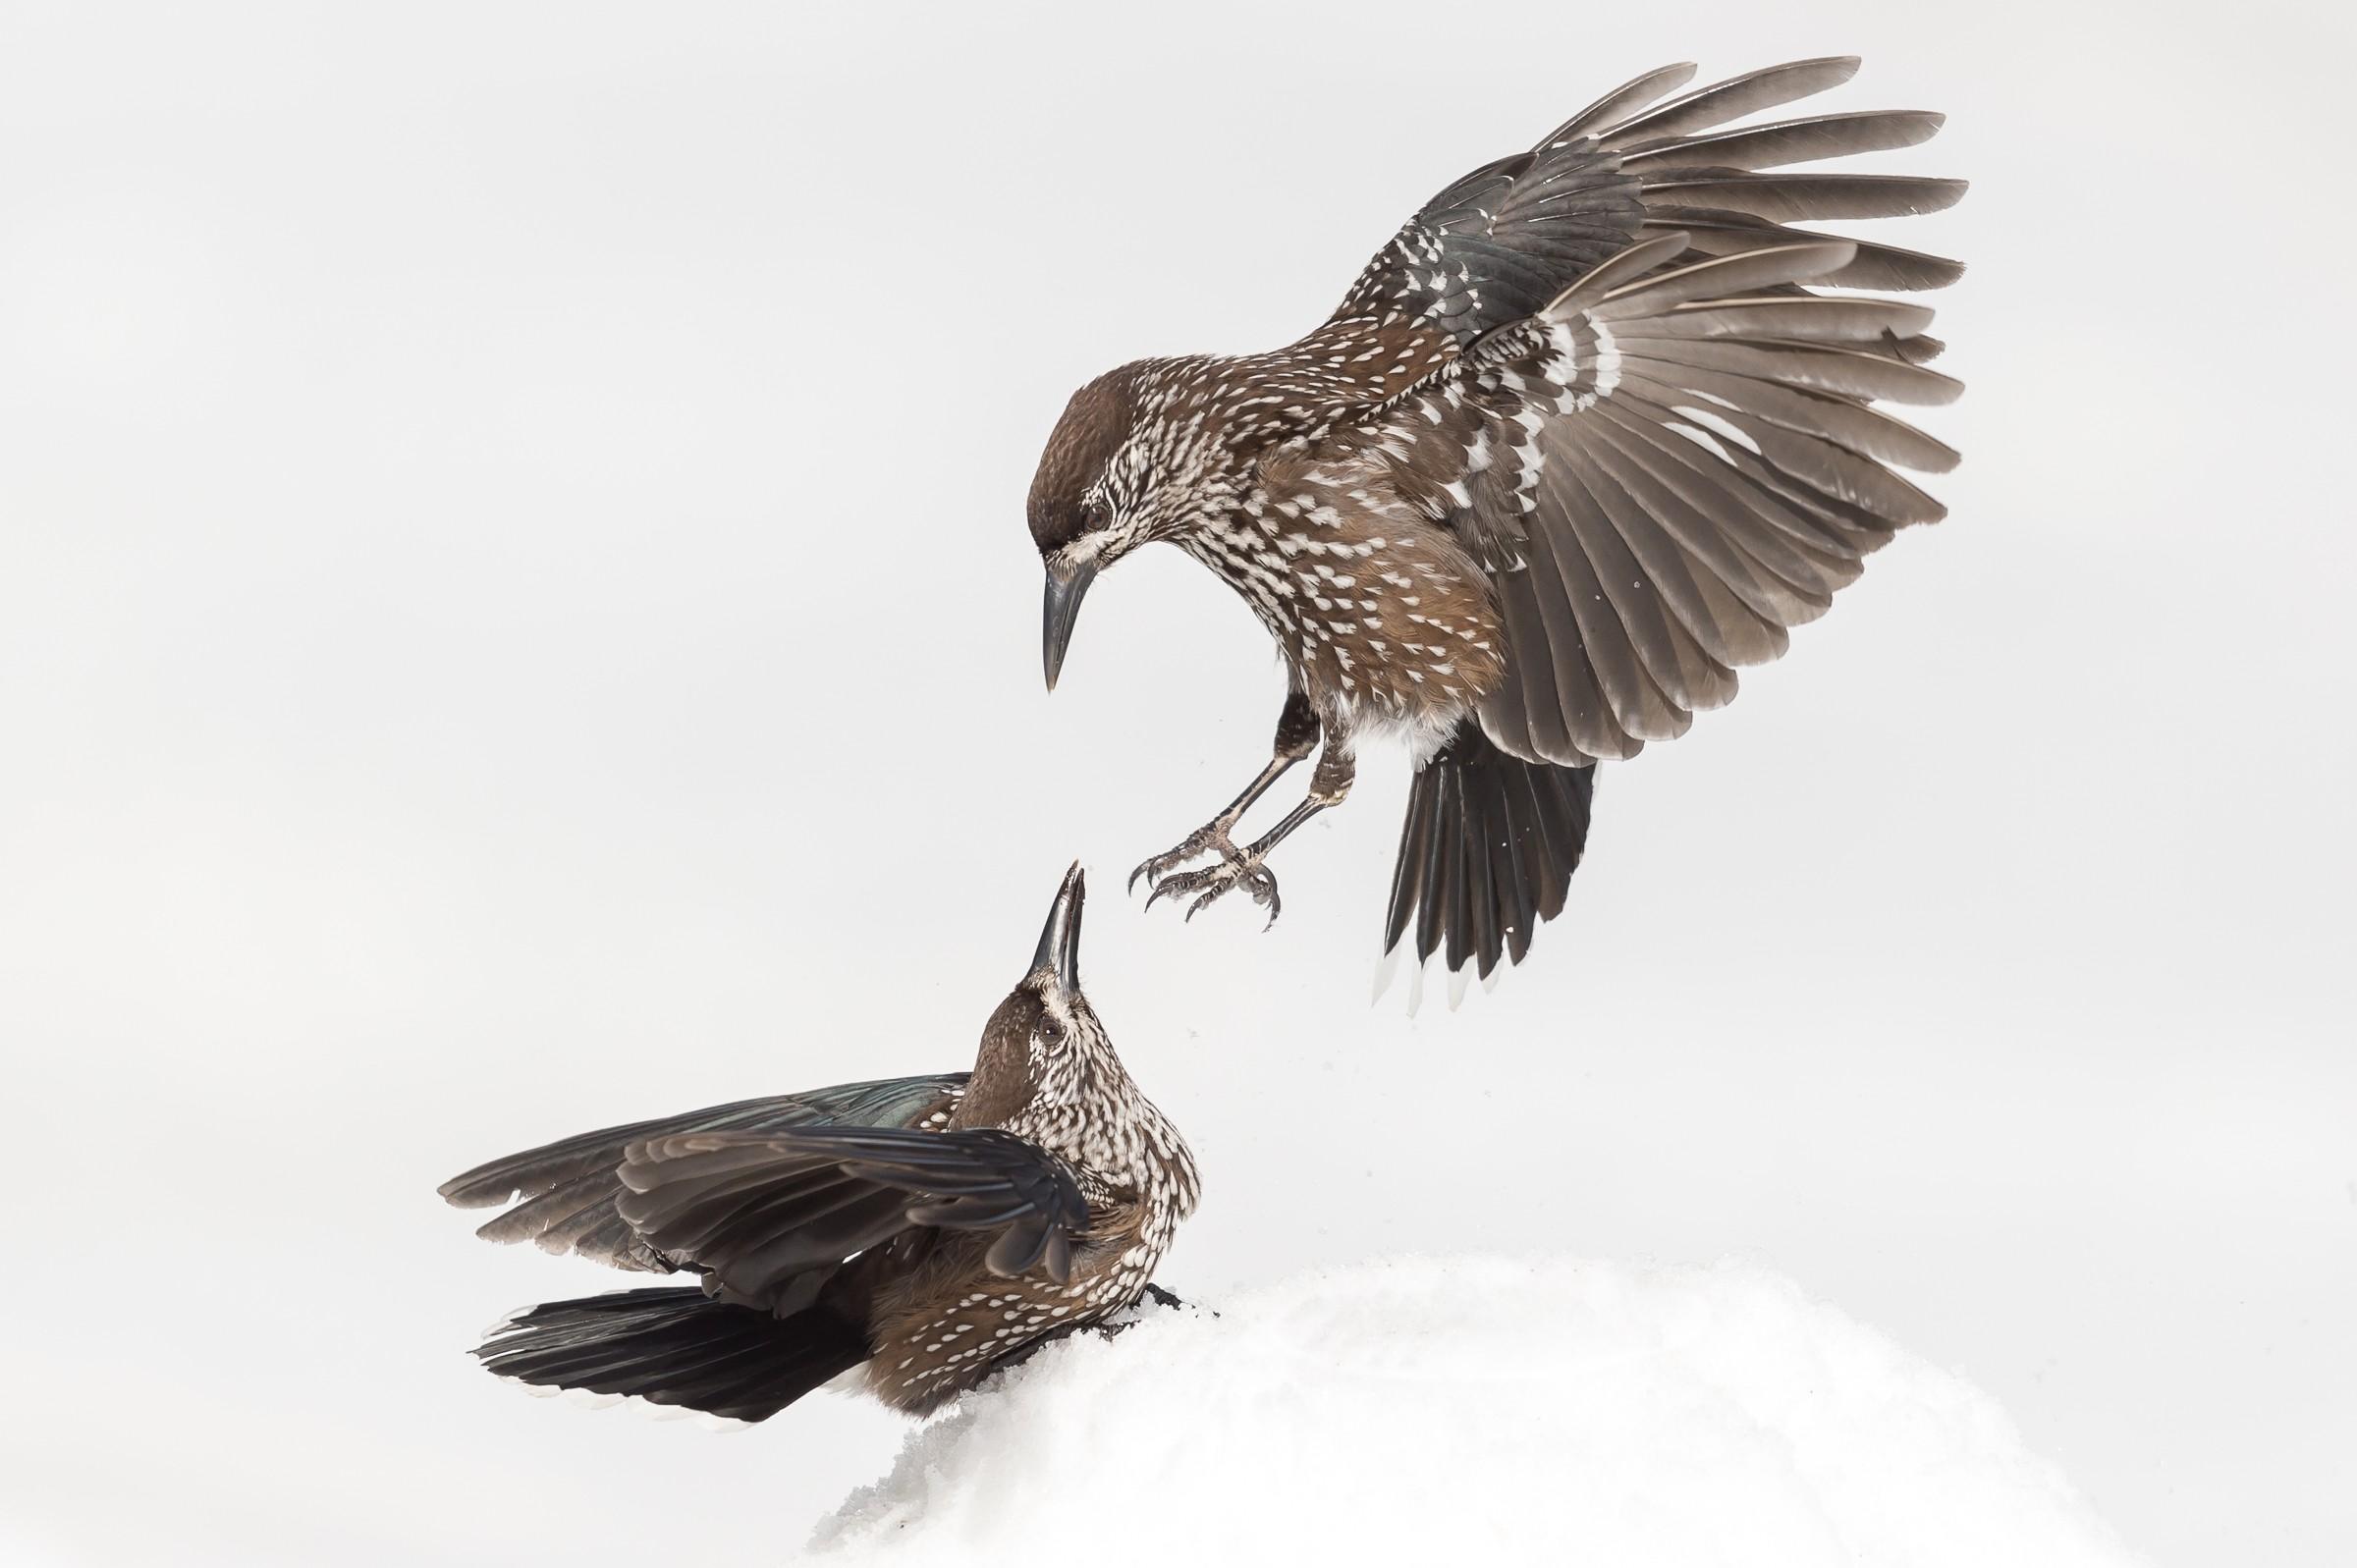 vogels bos 2329